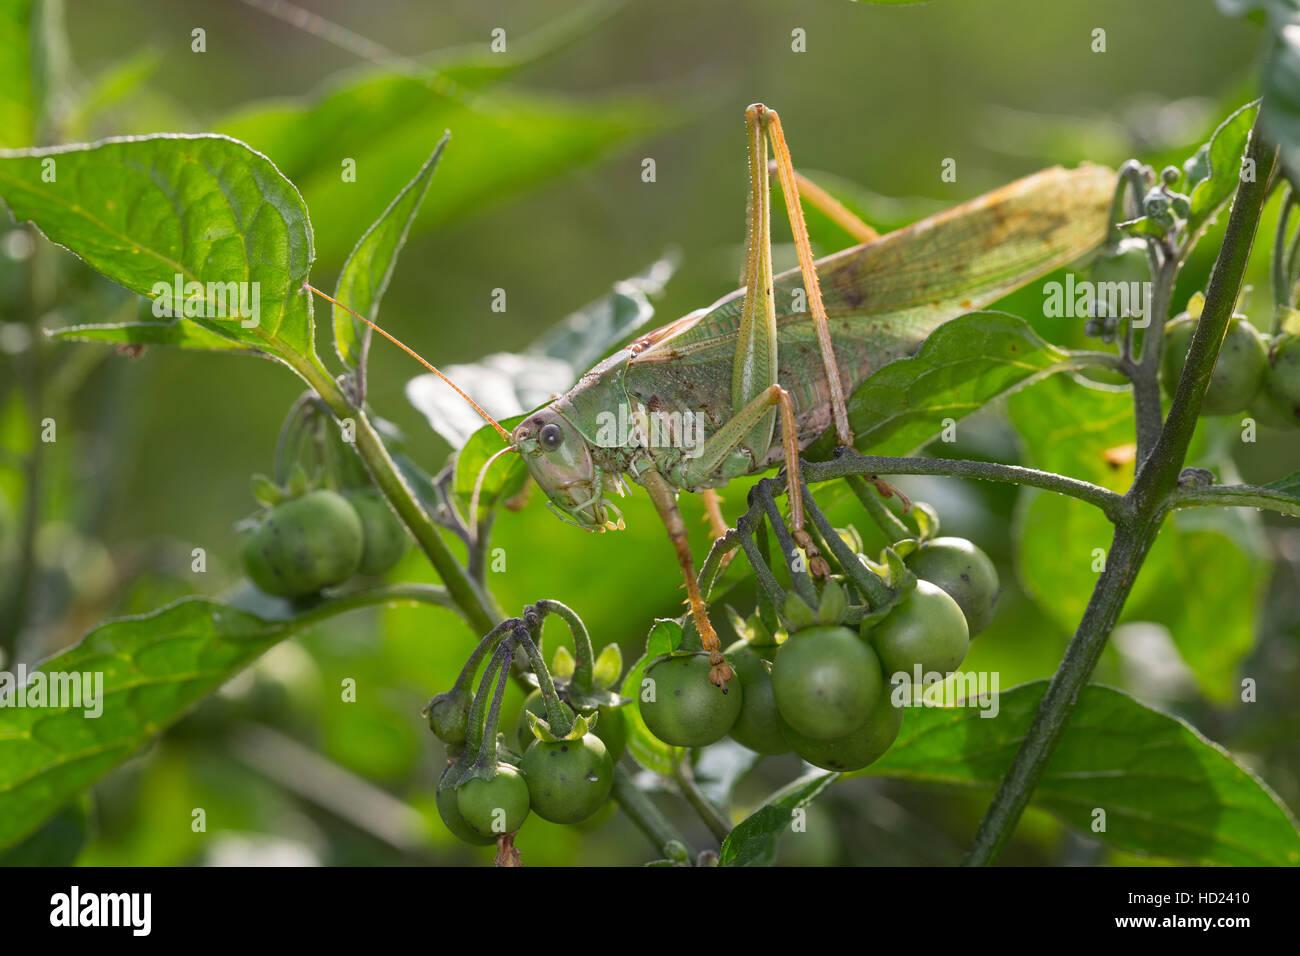 Grünes Heupferd, Männchen, Großes Heupferd, Großes Grünes Heupferd, Grüne Laubheuschrecke Stockbild